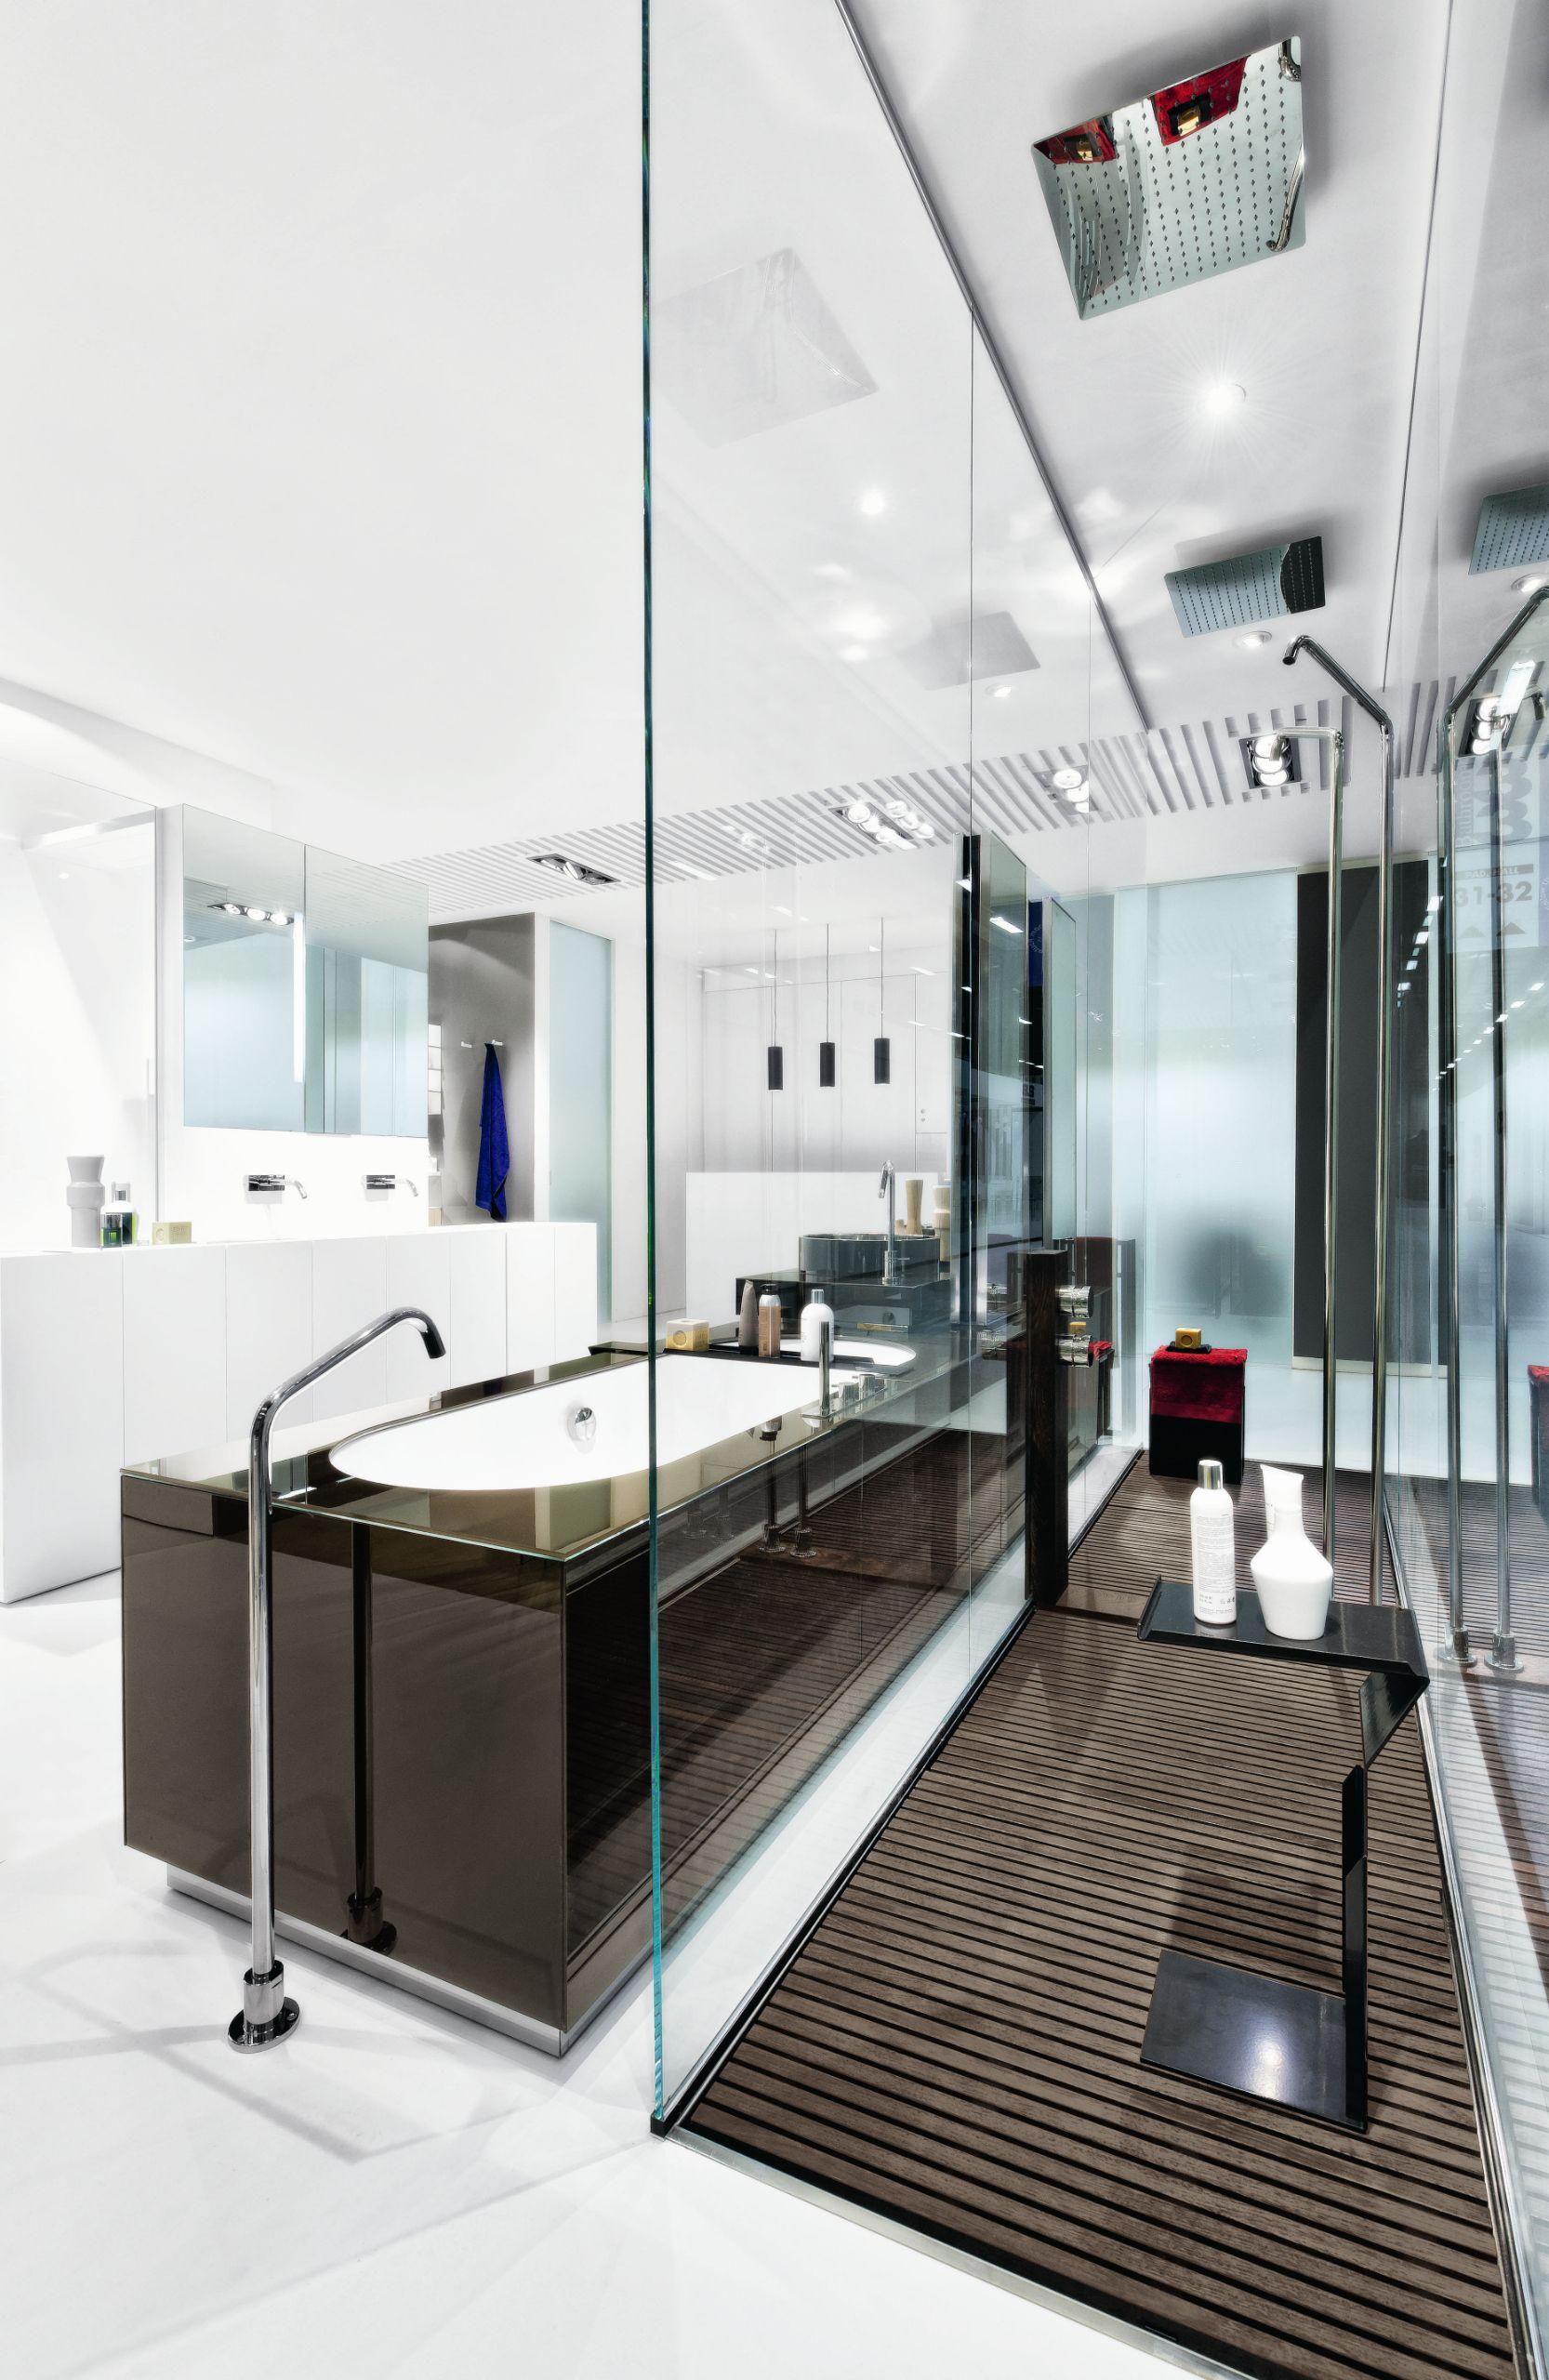 Salle de bains compl te baignoire lavabo linear 03 by for Tarif salle de bain complete